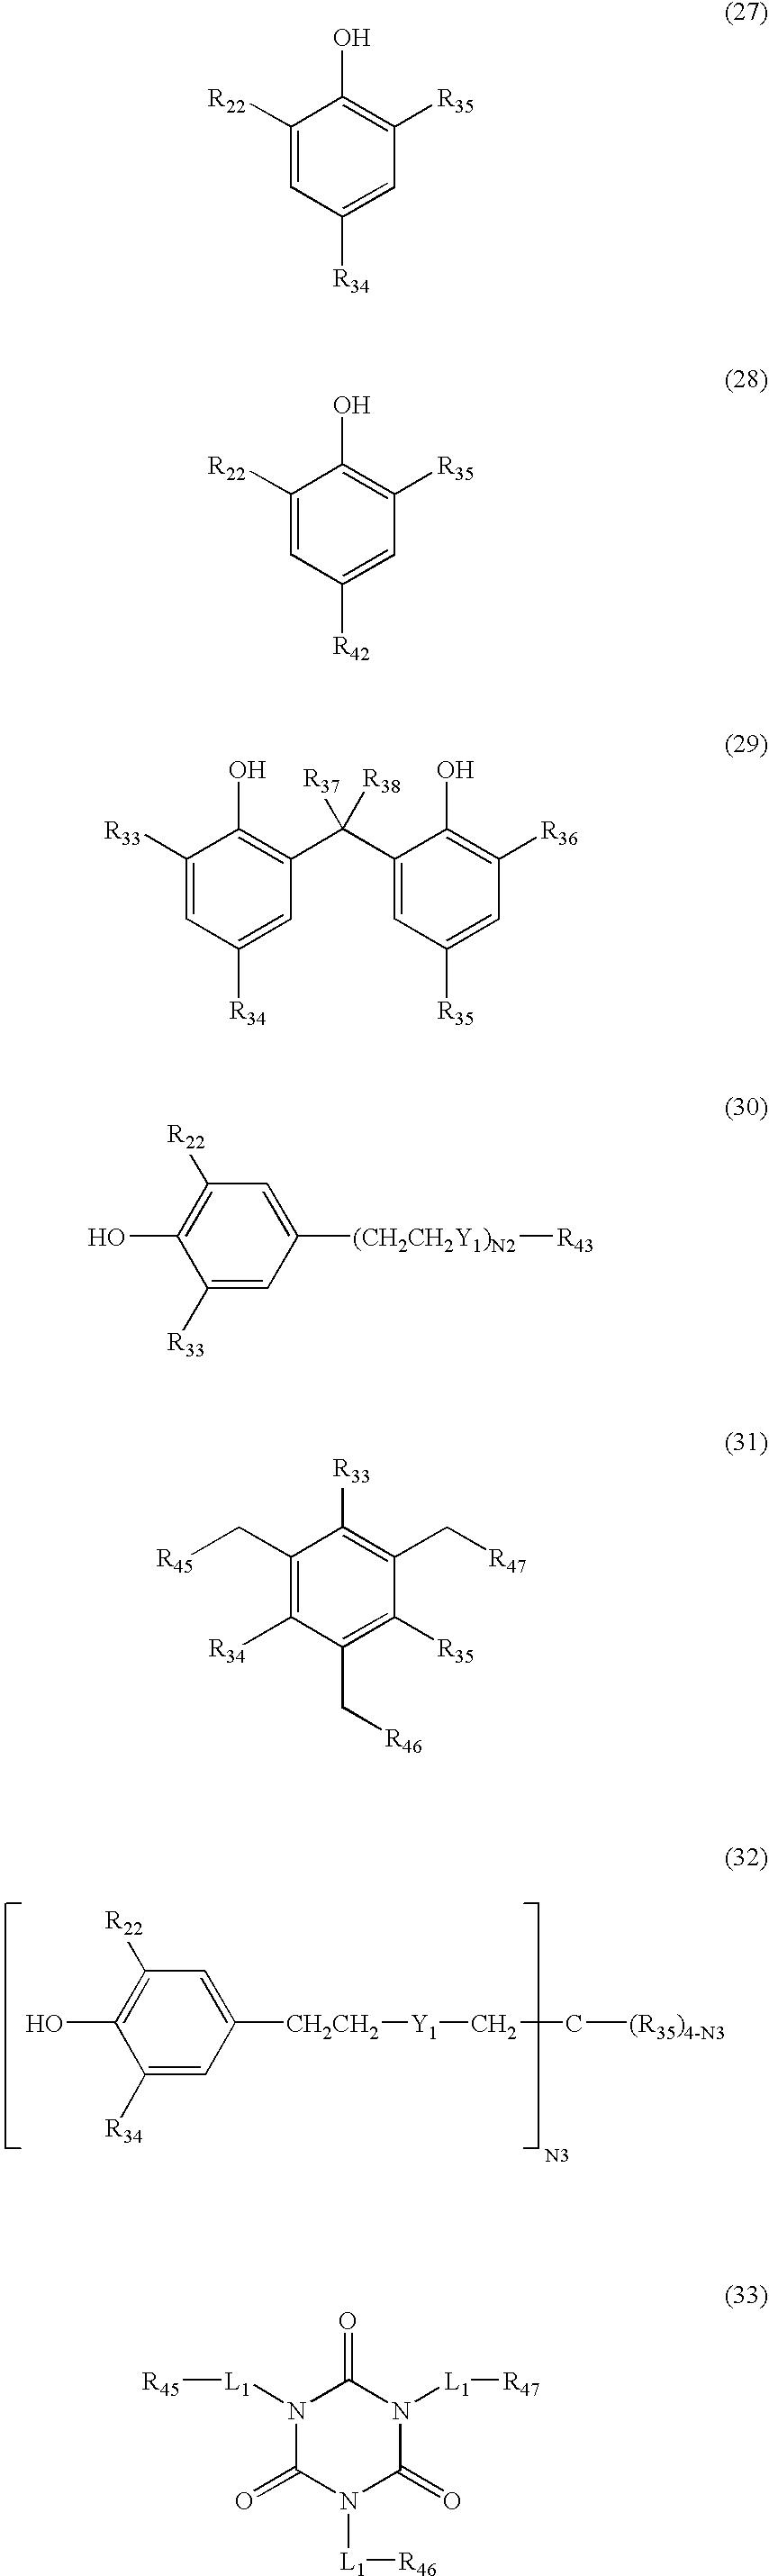 Figure US20040192813A1-20040930-C00021